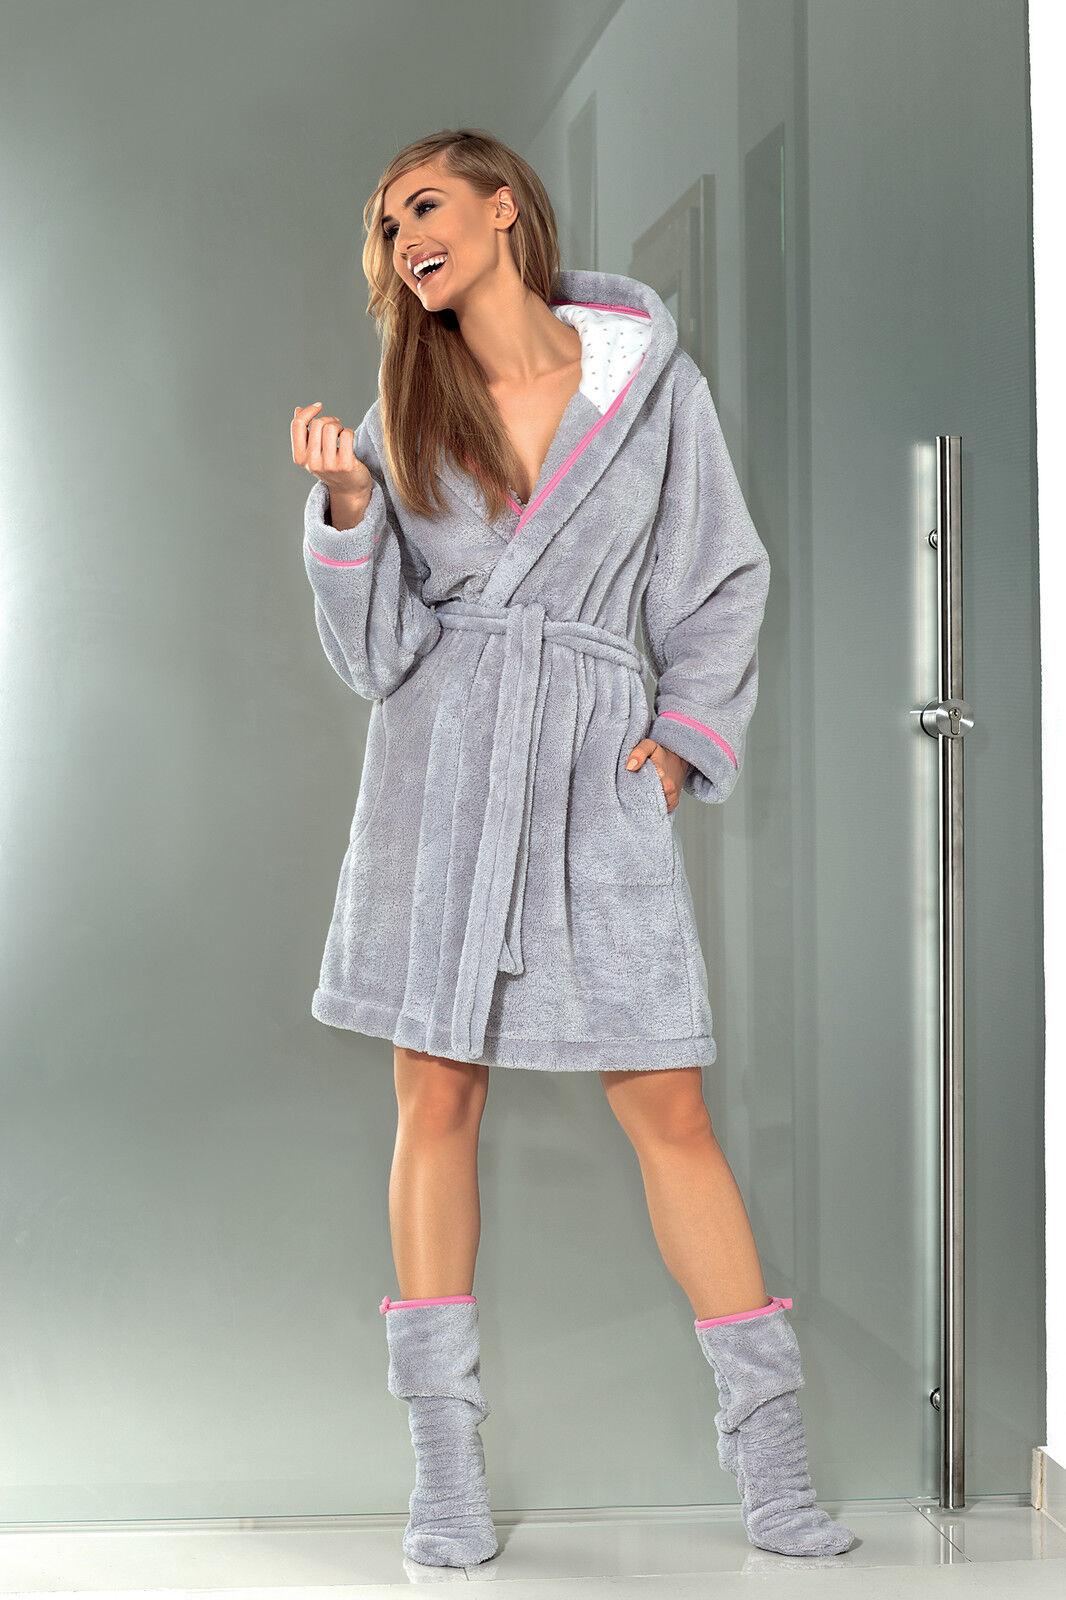 Womens Bath Robe Hooded Housecoat Dressing Gown Bathrobe with Hood ...